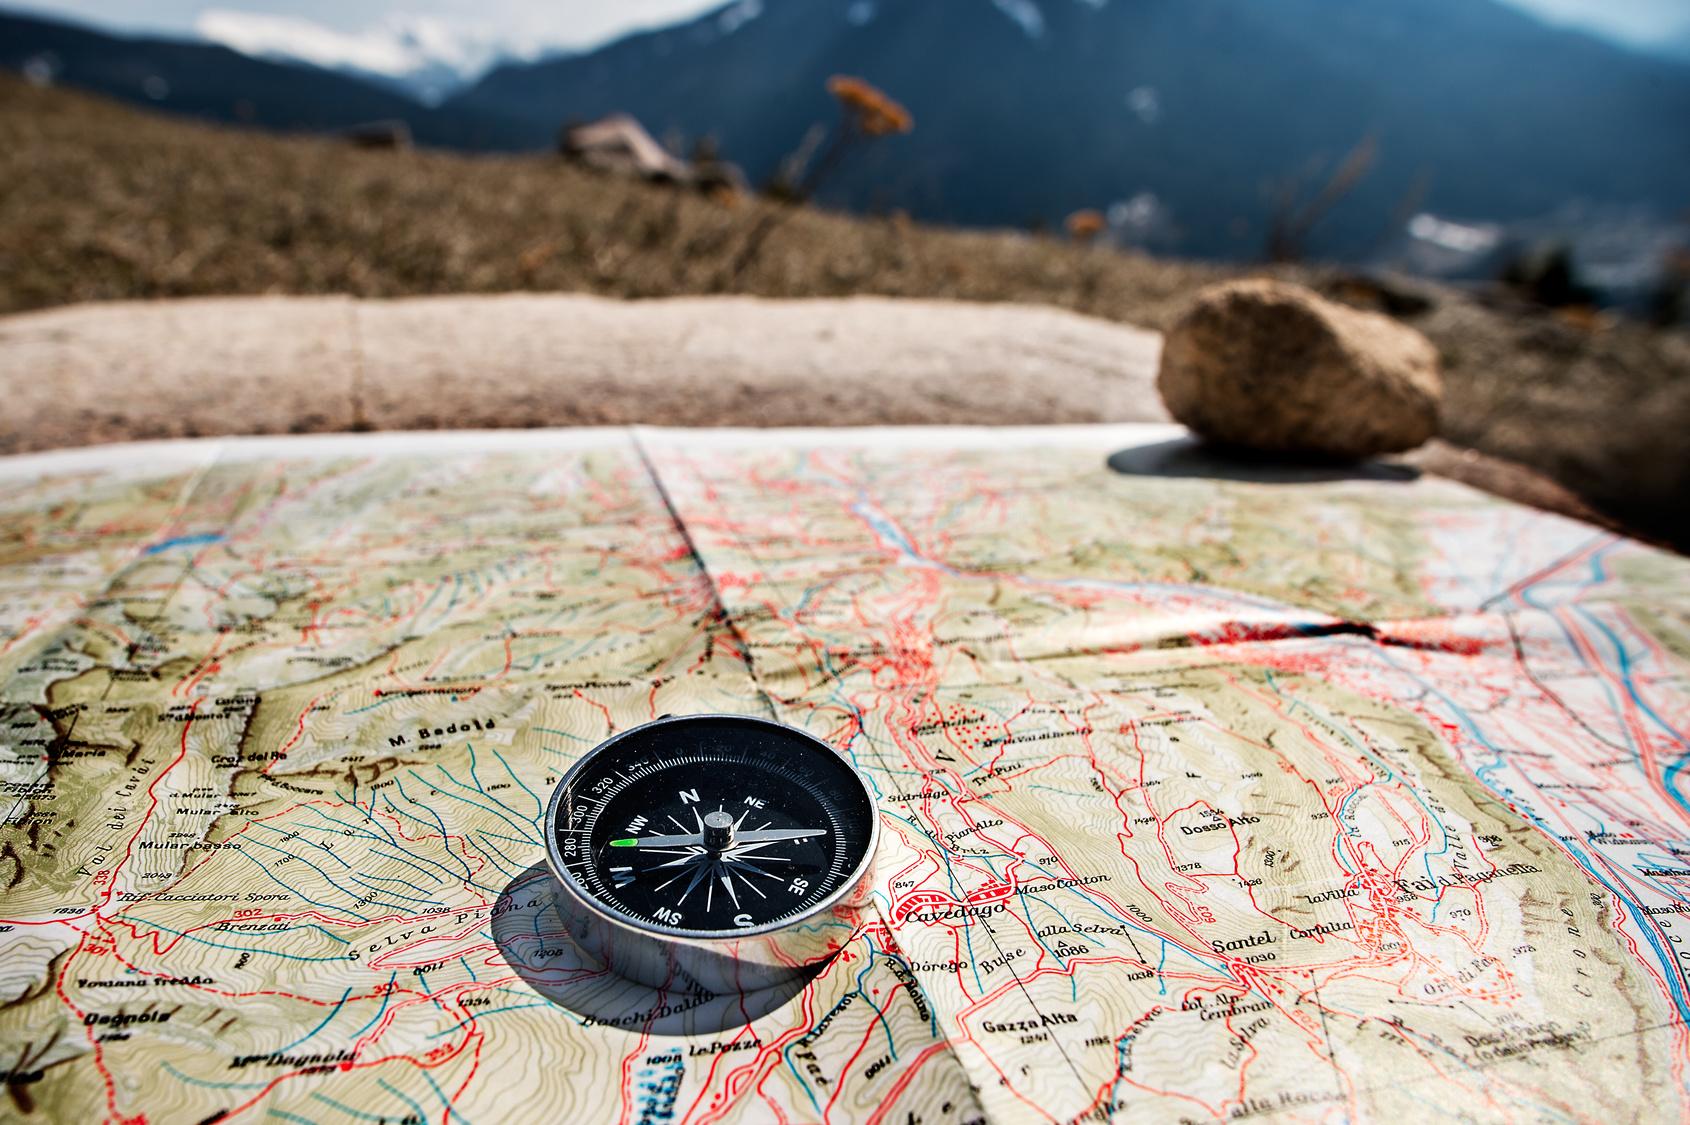 Pegue sua bússola e mapa e vêm se aventurar no turismo esportivo | Foto: Franco Visintainer / Fotolia